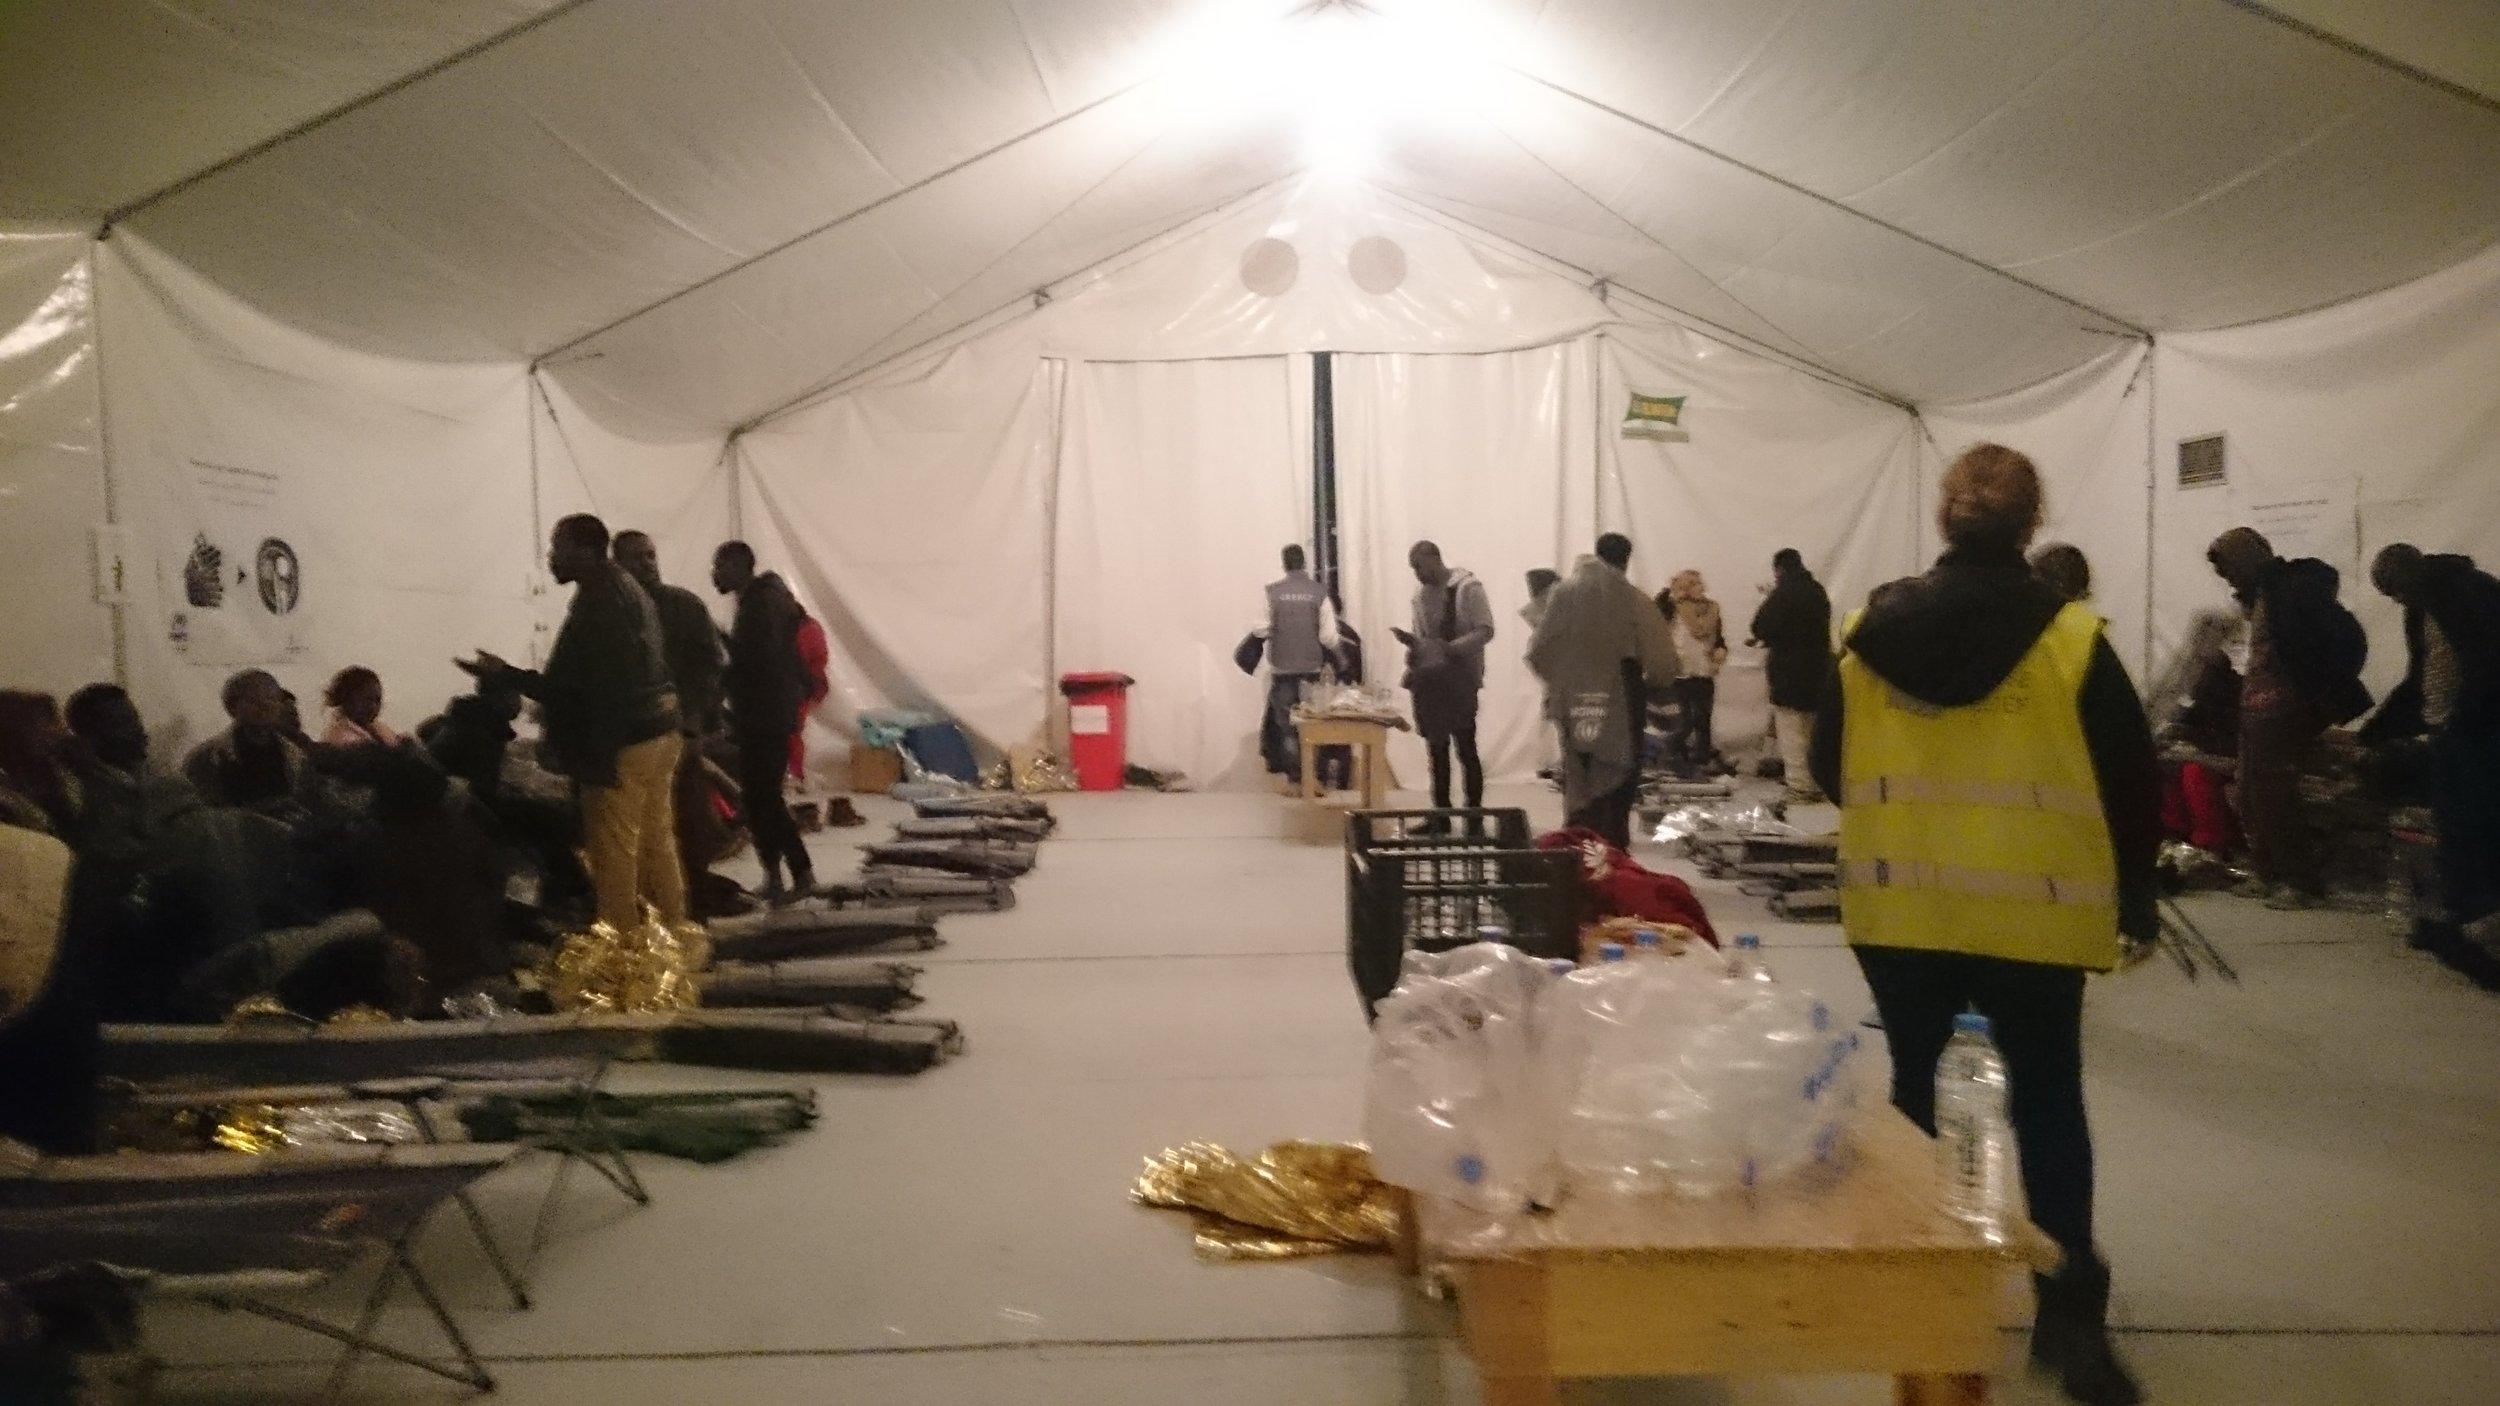 ...in die beheizten Zelte gebracht werden.